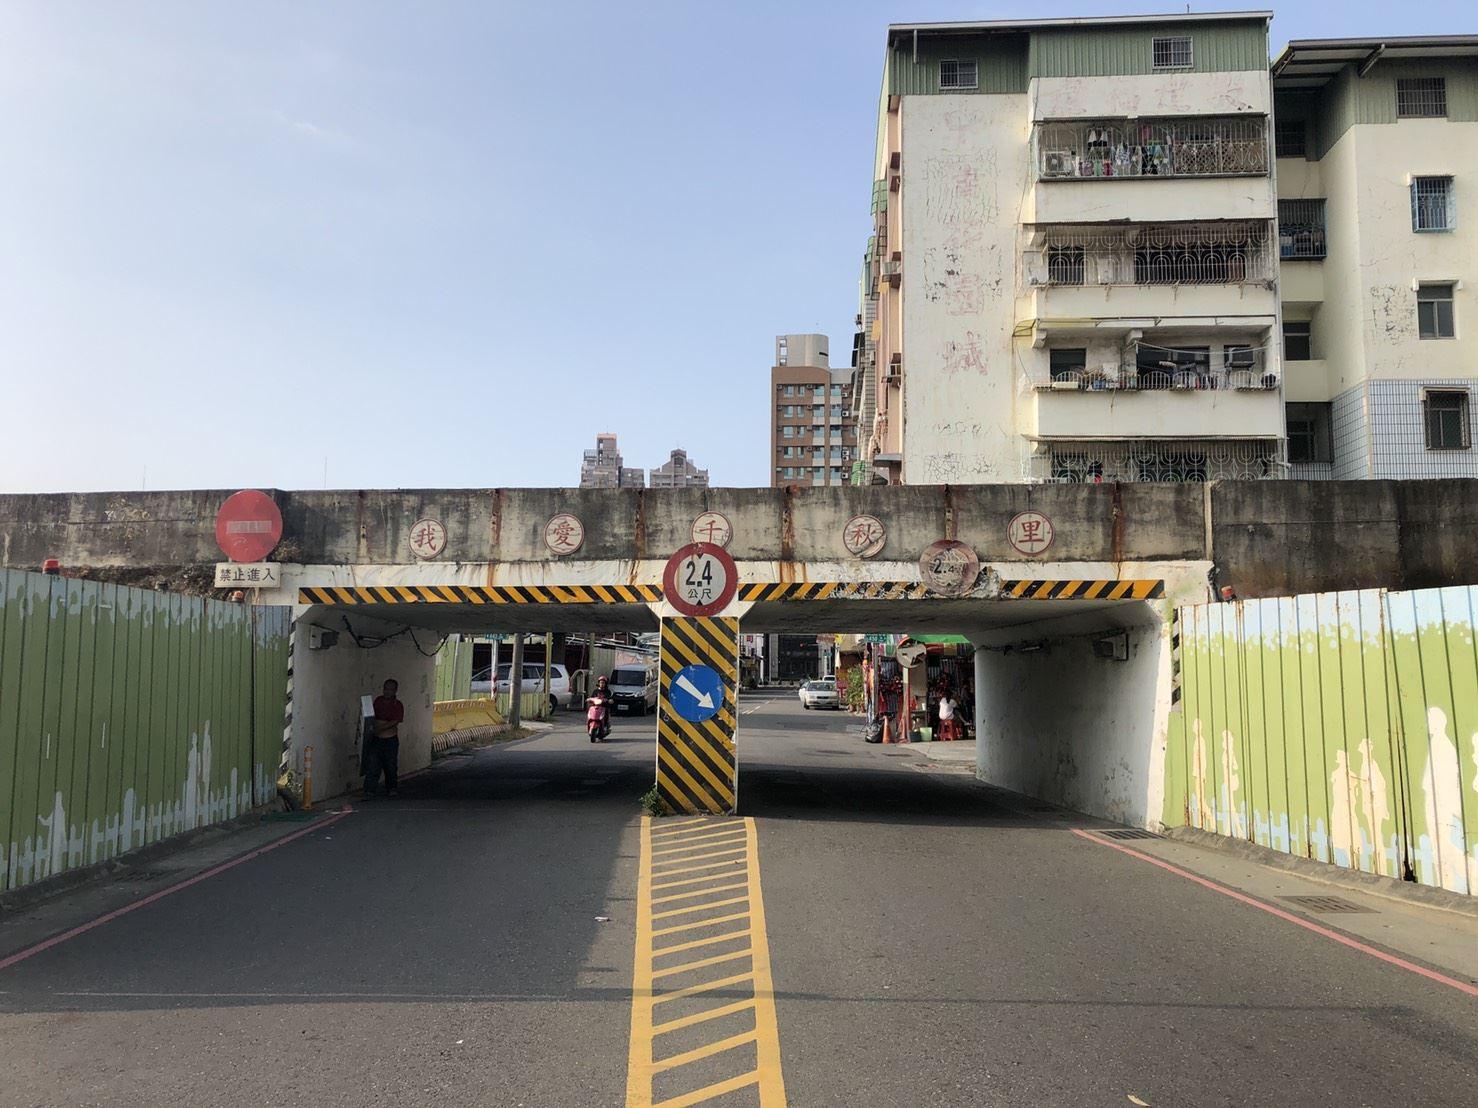 市中路涵洞拆除前照片.jpg